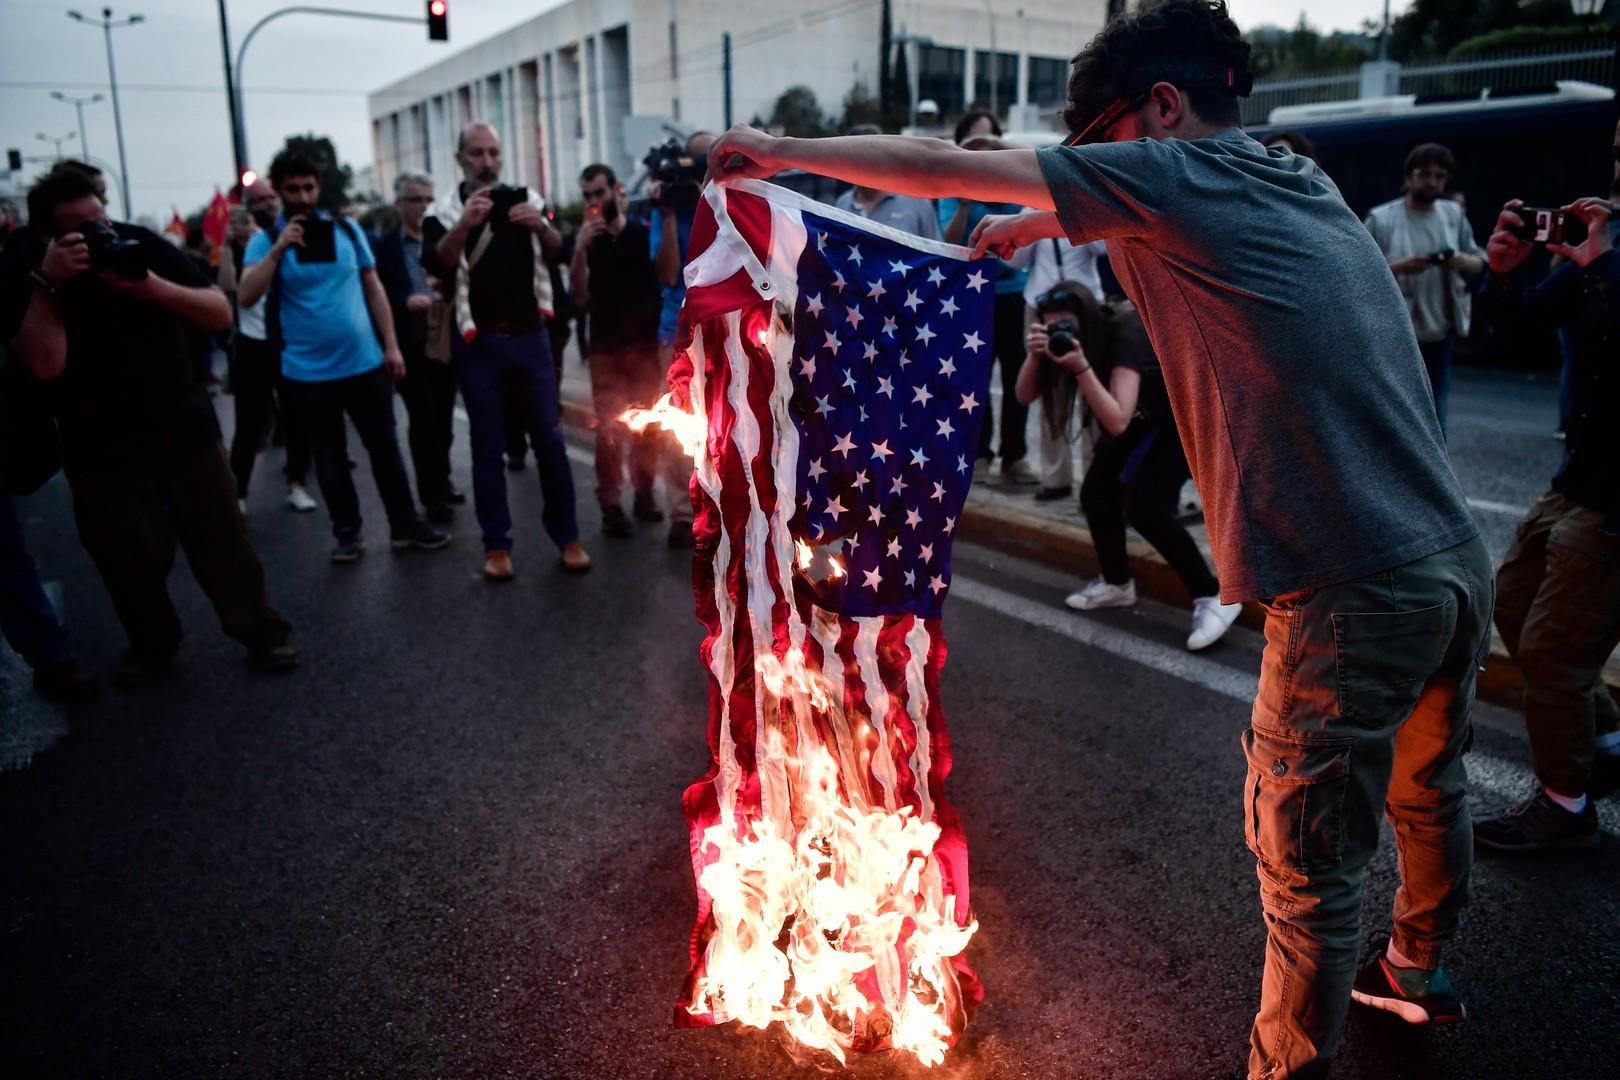 Grèce : des opposants aux frappes en Syrie s'en prennent à la statue de Truman (PHOTOS)